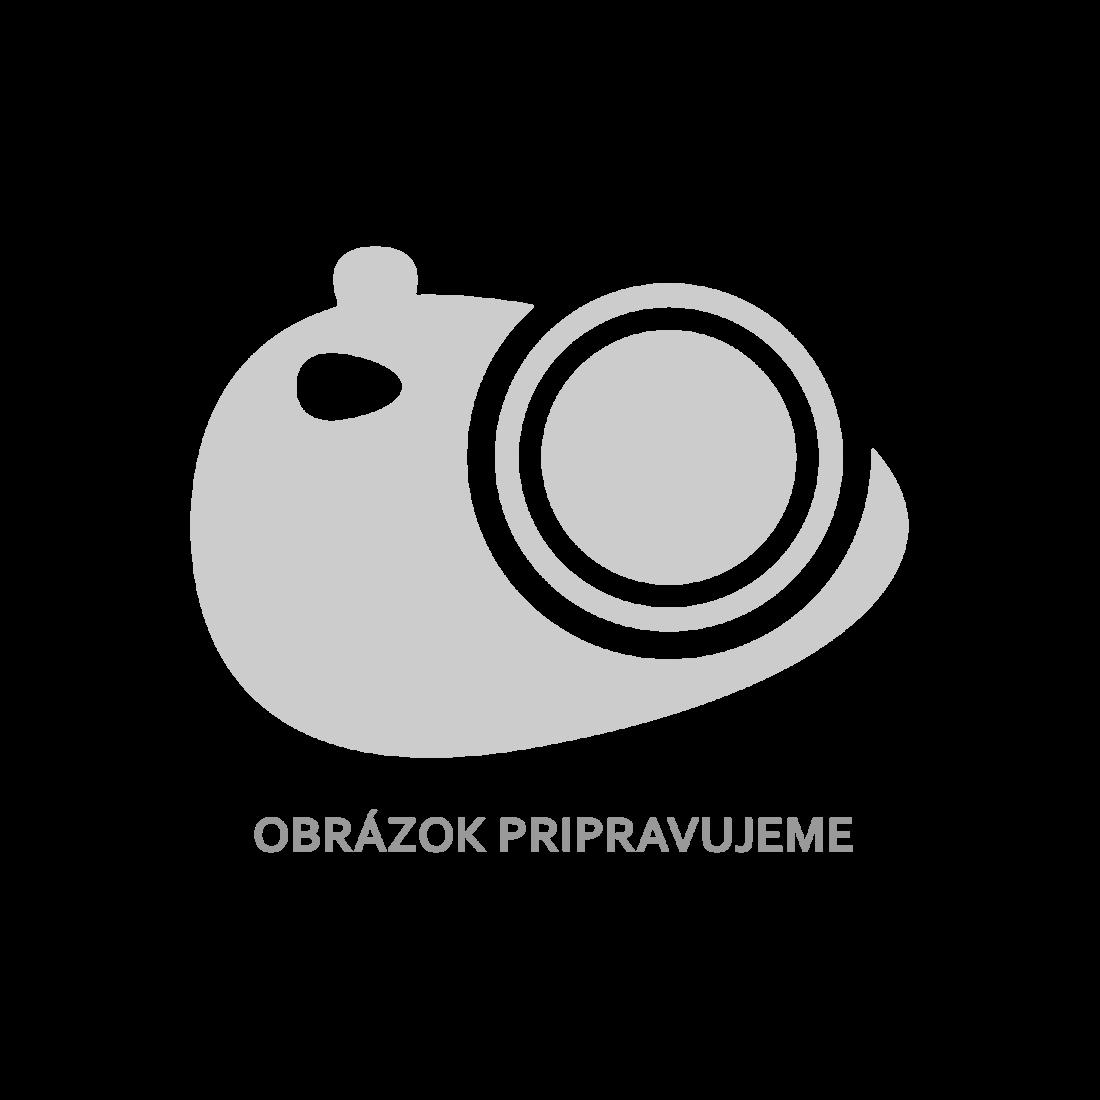 vidaXL Kancelářská skříň 4 dvířka industriální černá 75x40x80 cm ocel [145358]